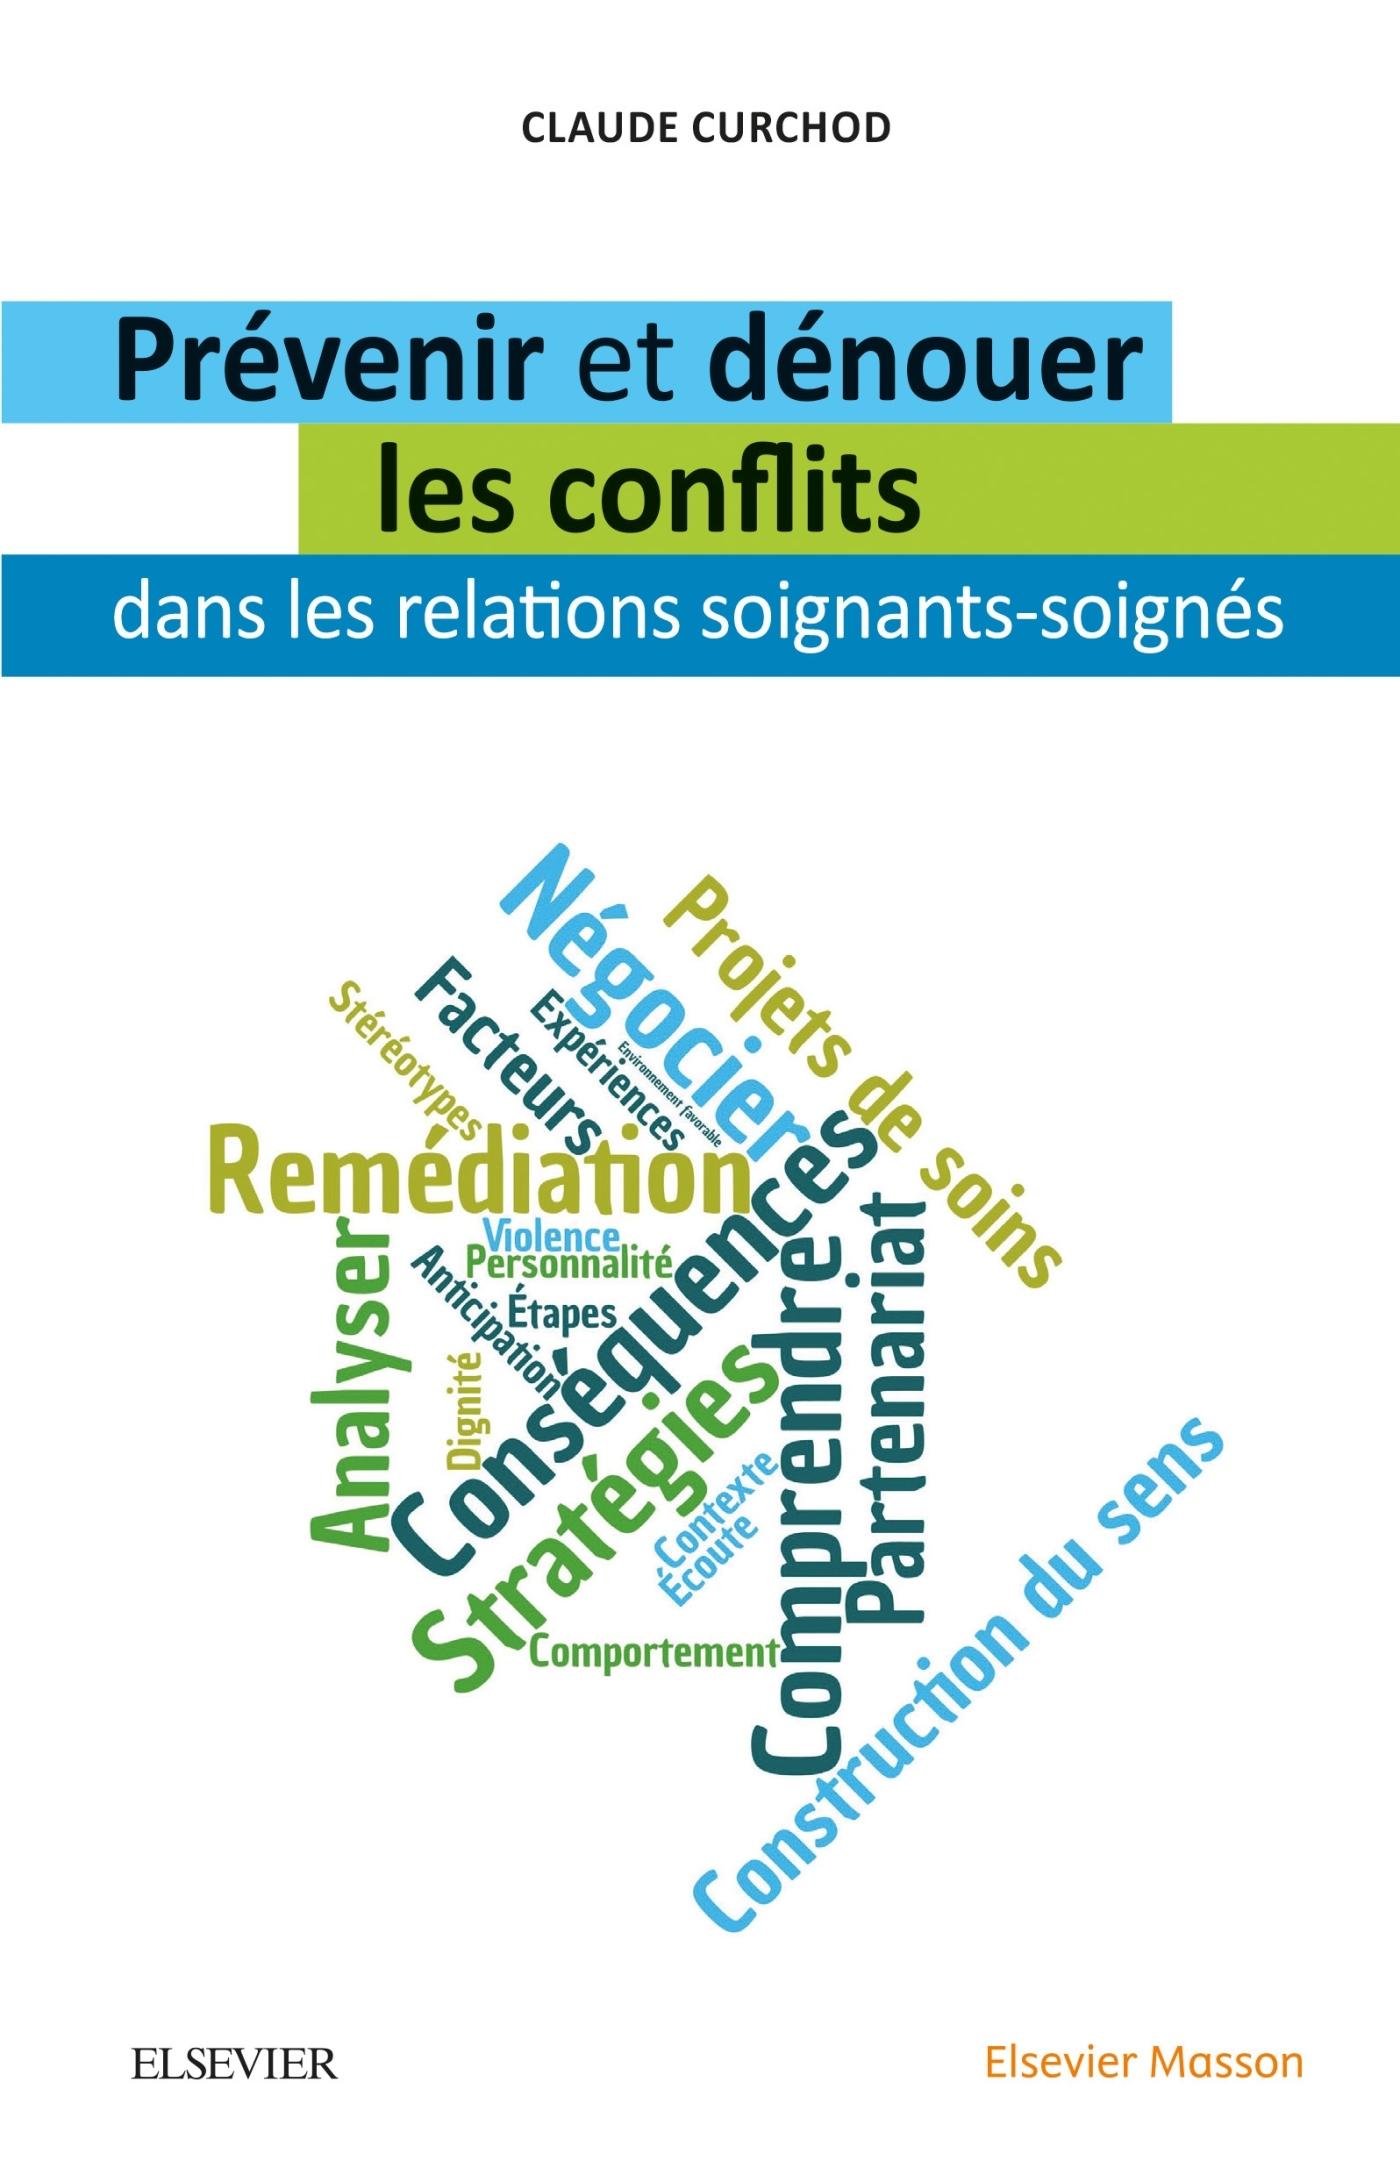 PREVENIR ET DENOUER LES CONFLITS DANS LES RELATIONS SOIGNANTS-SOIGNES - SOIGNANTS/SOIGNES